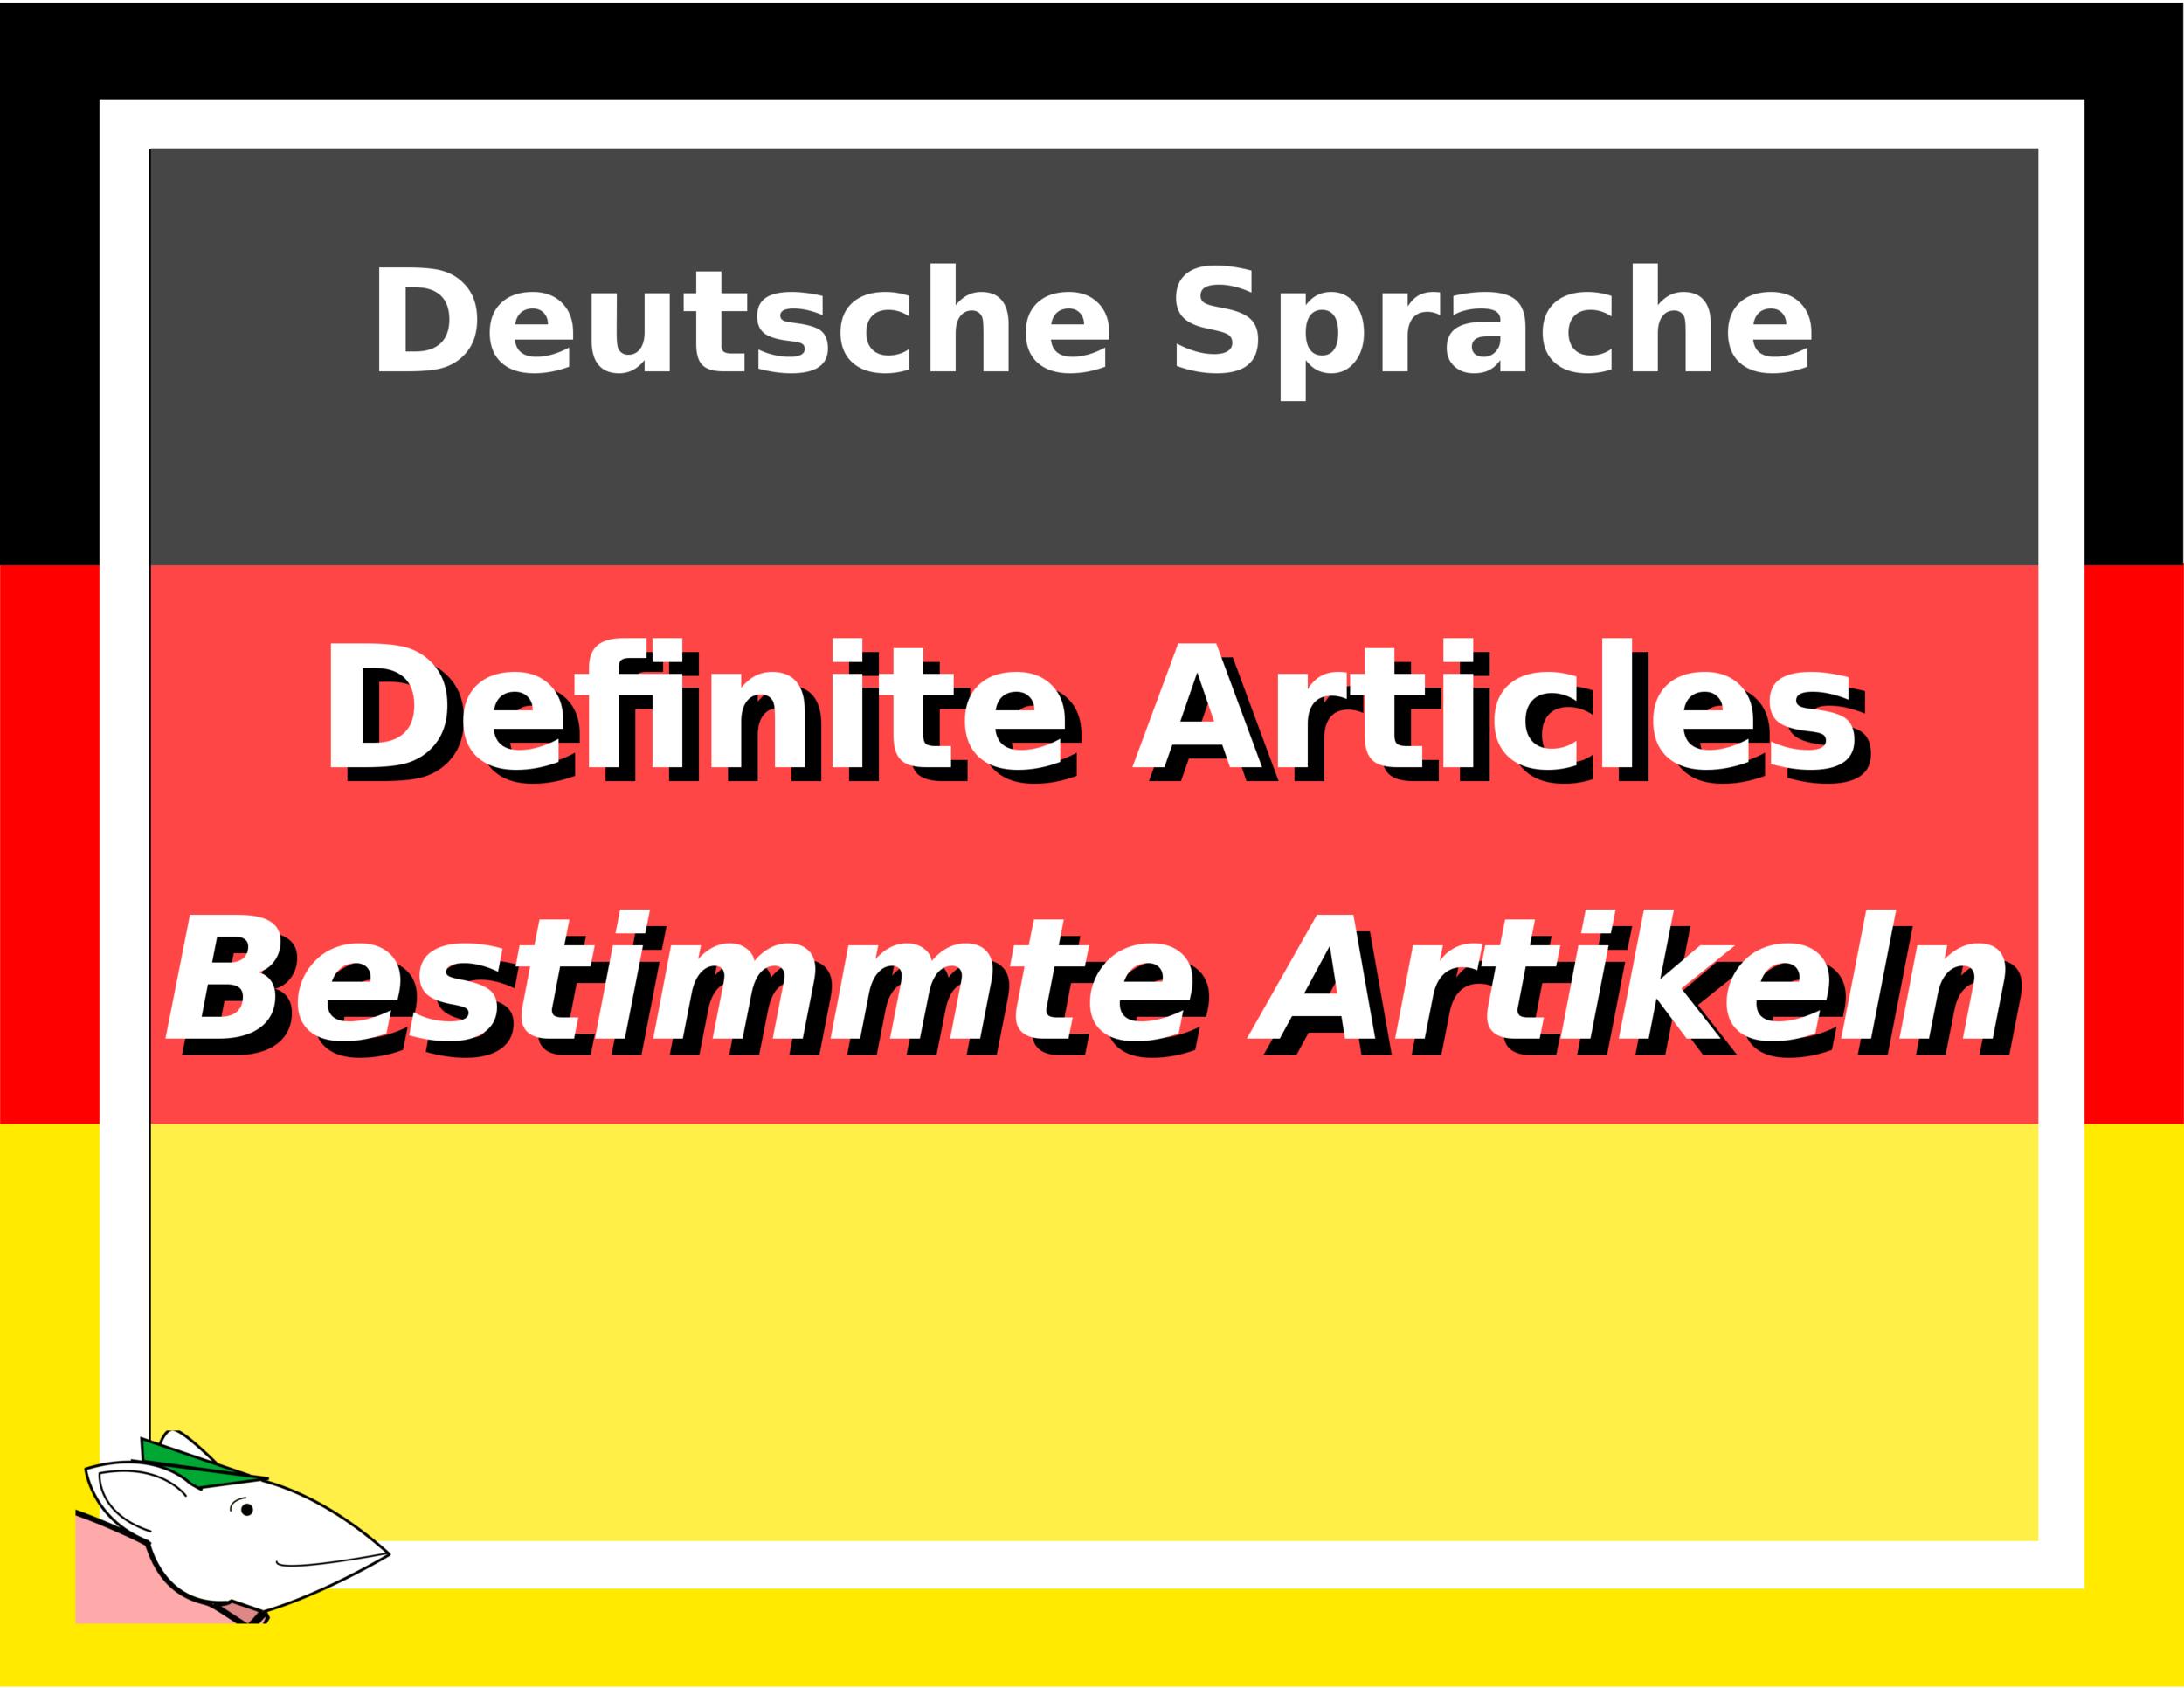 Definite Articles Cover